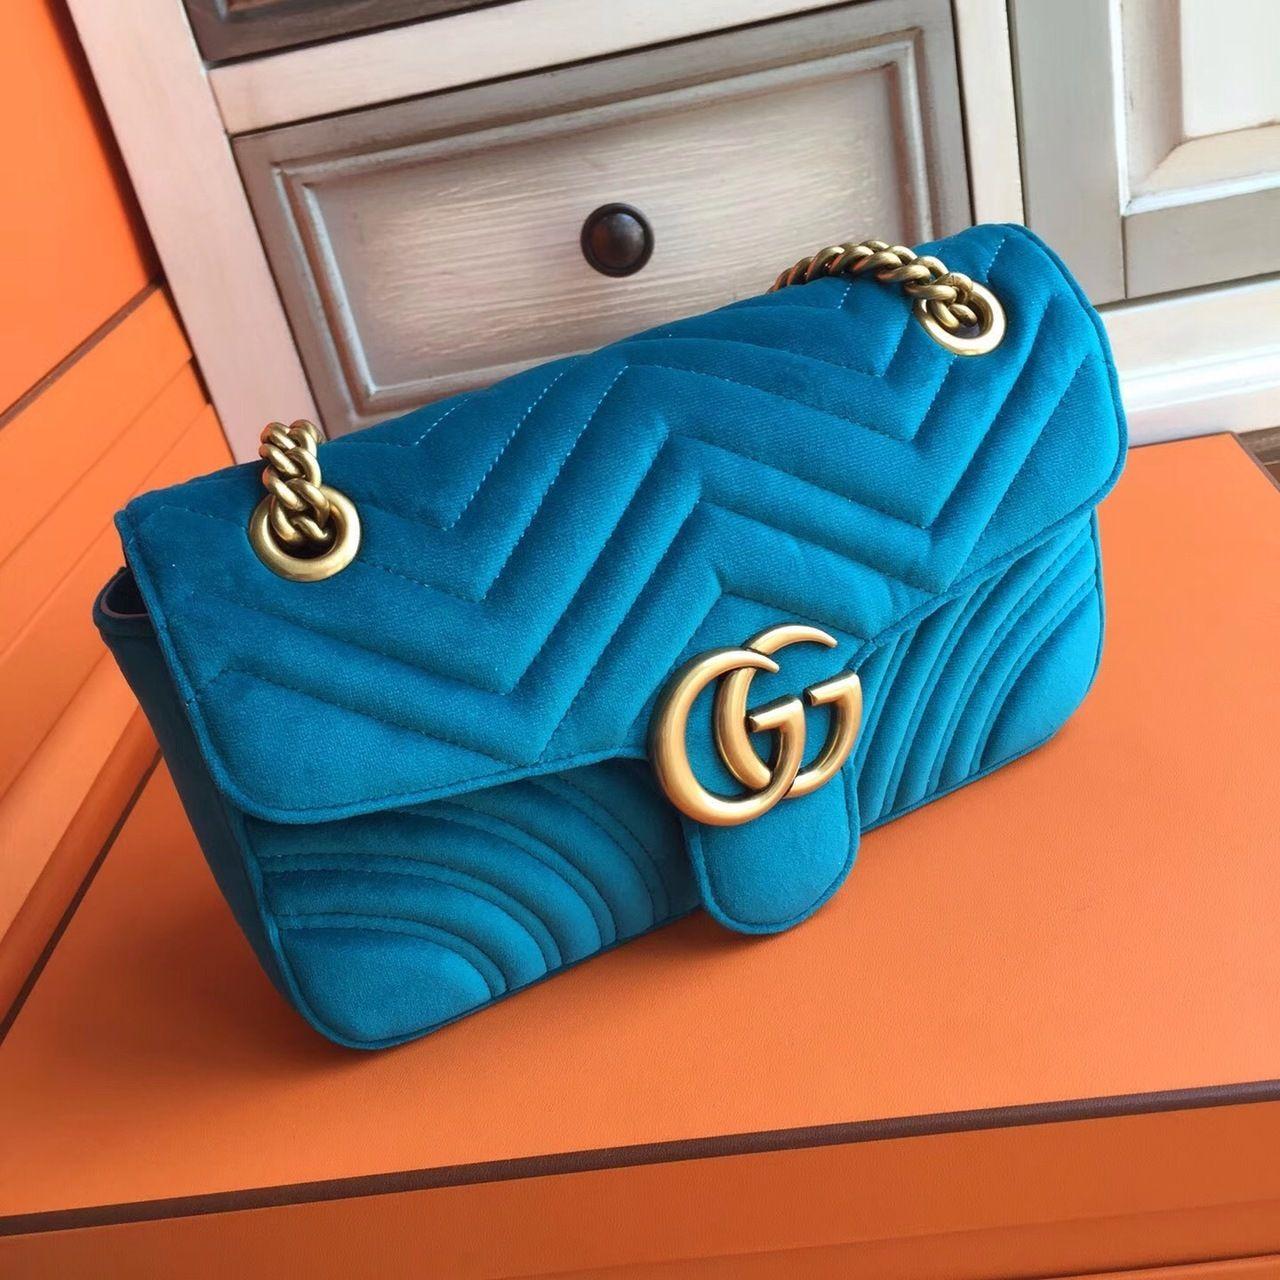 c4a27c7c25a384 Gucci GG Large Marmont velvet shoulder bag Blue - Bella Vita Moda #gucci #gucci  bag #guccivelvetbag #guccilover #gucciaddict#fashionista @ ...